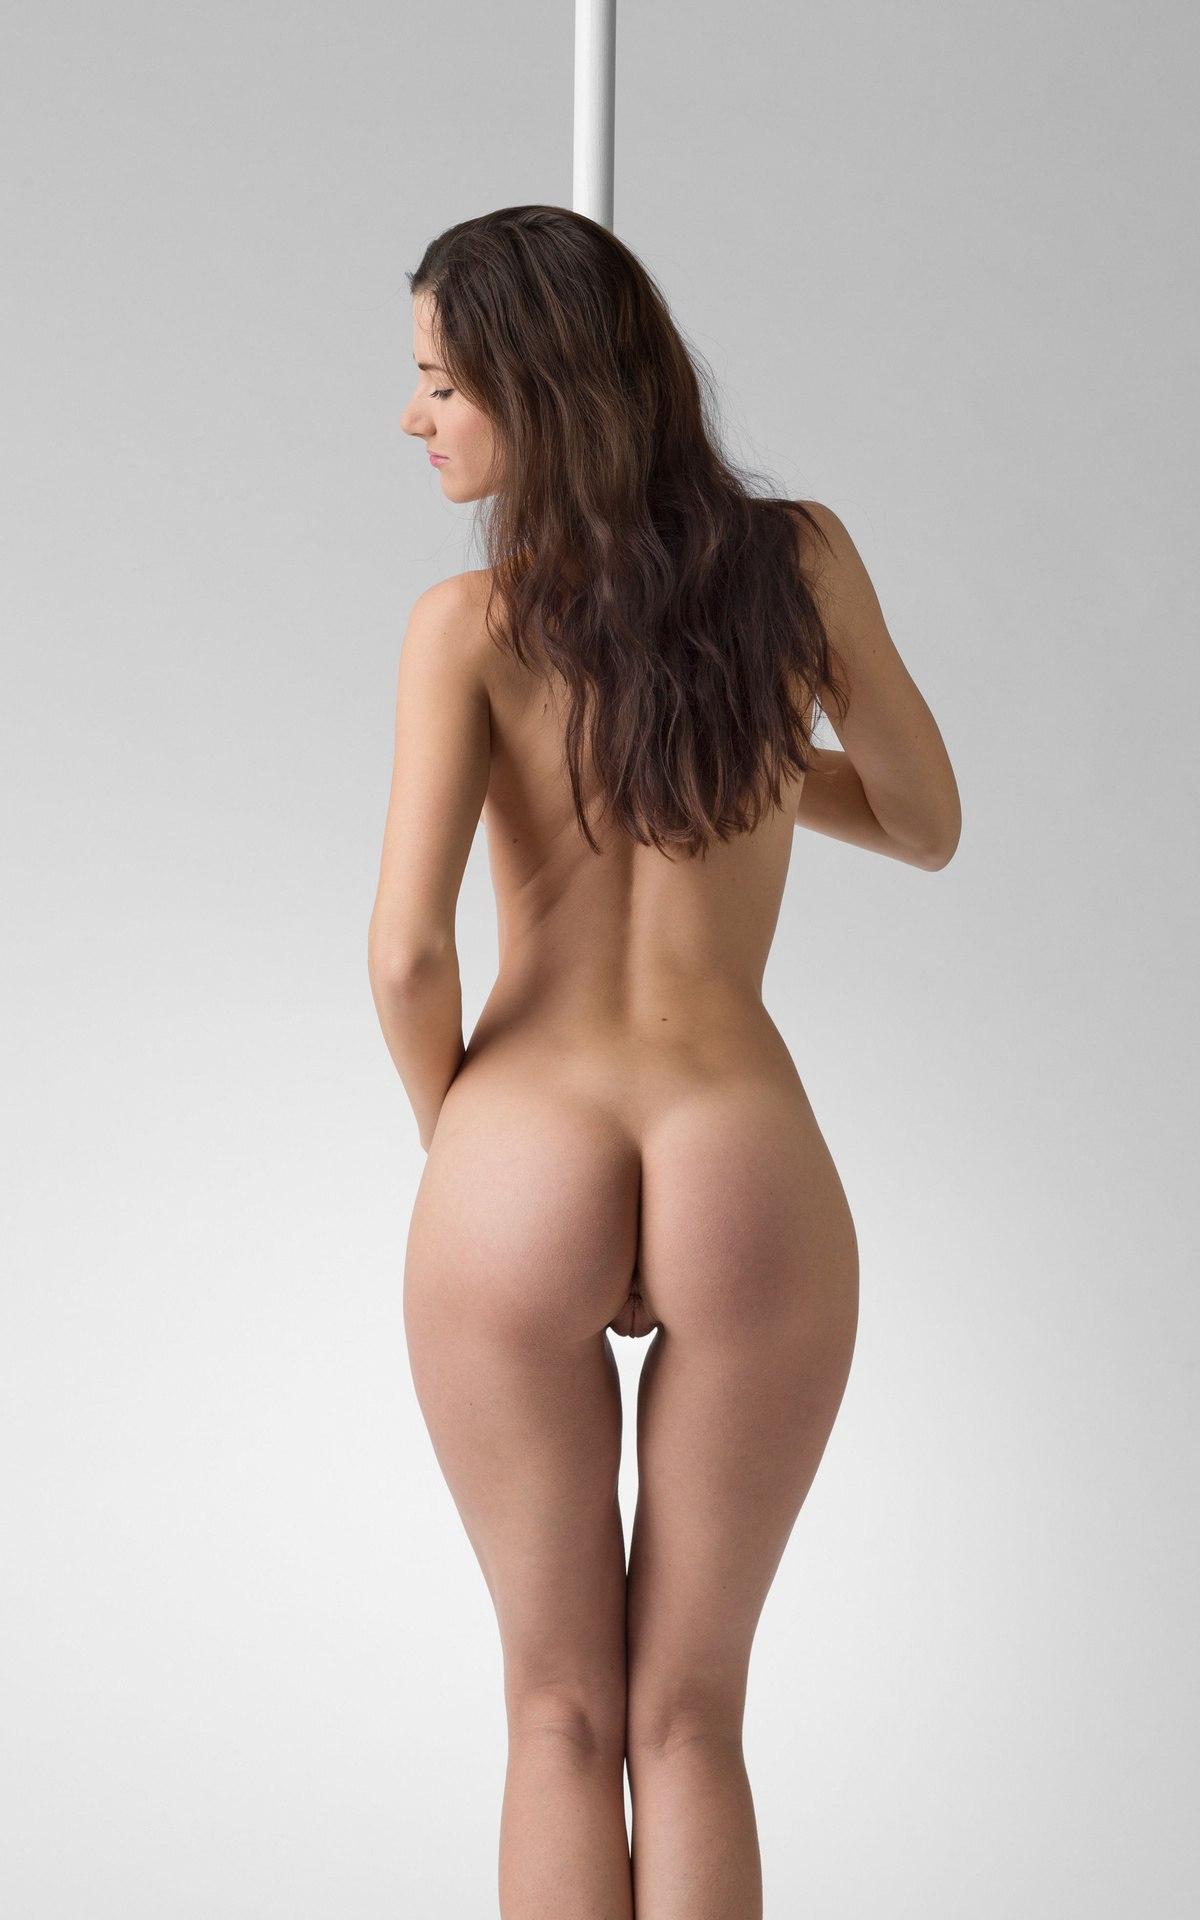 Hot nud gaps 3